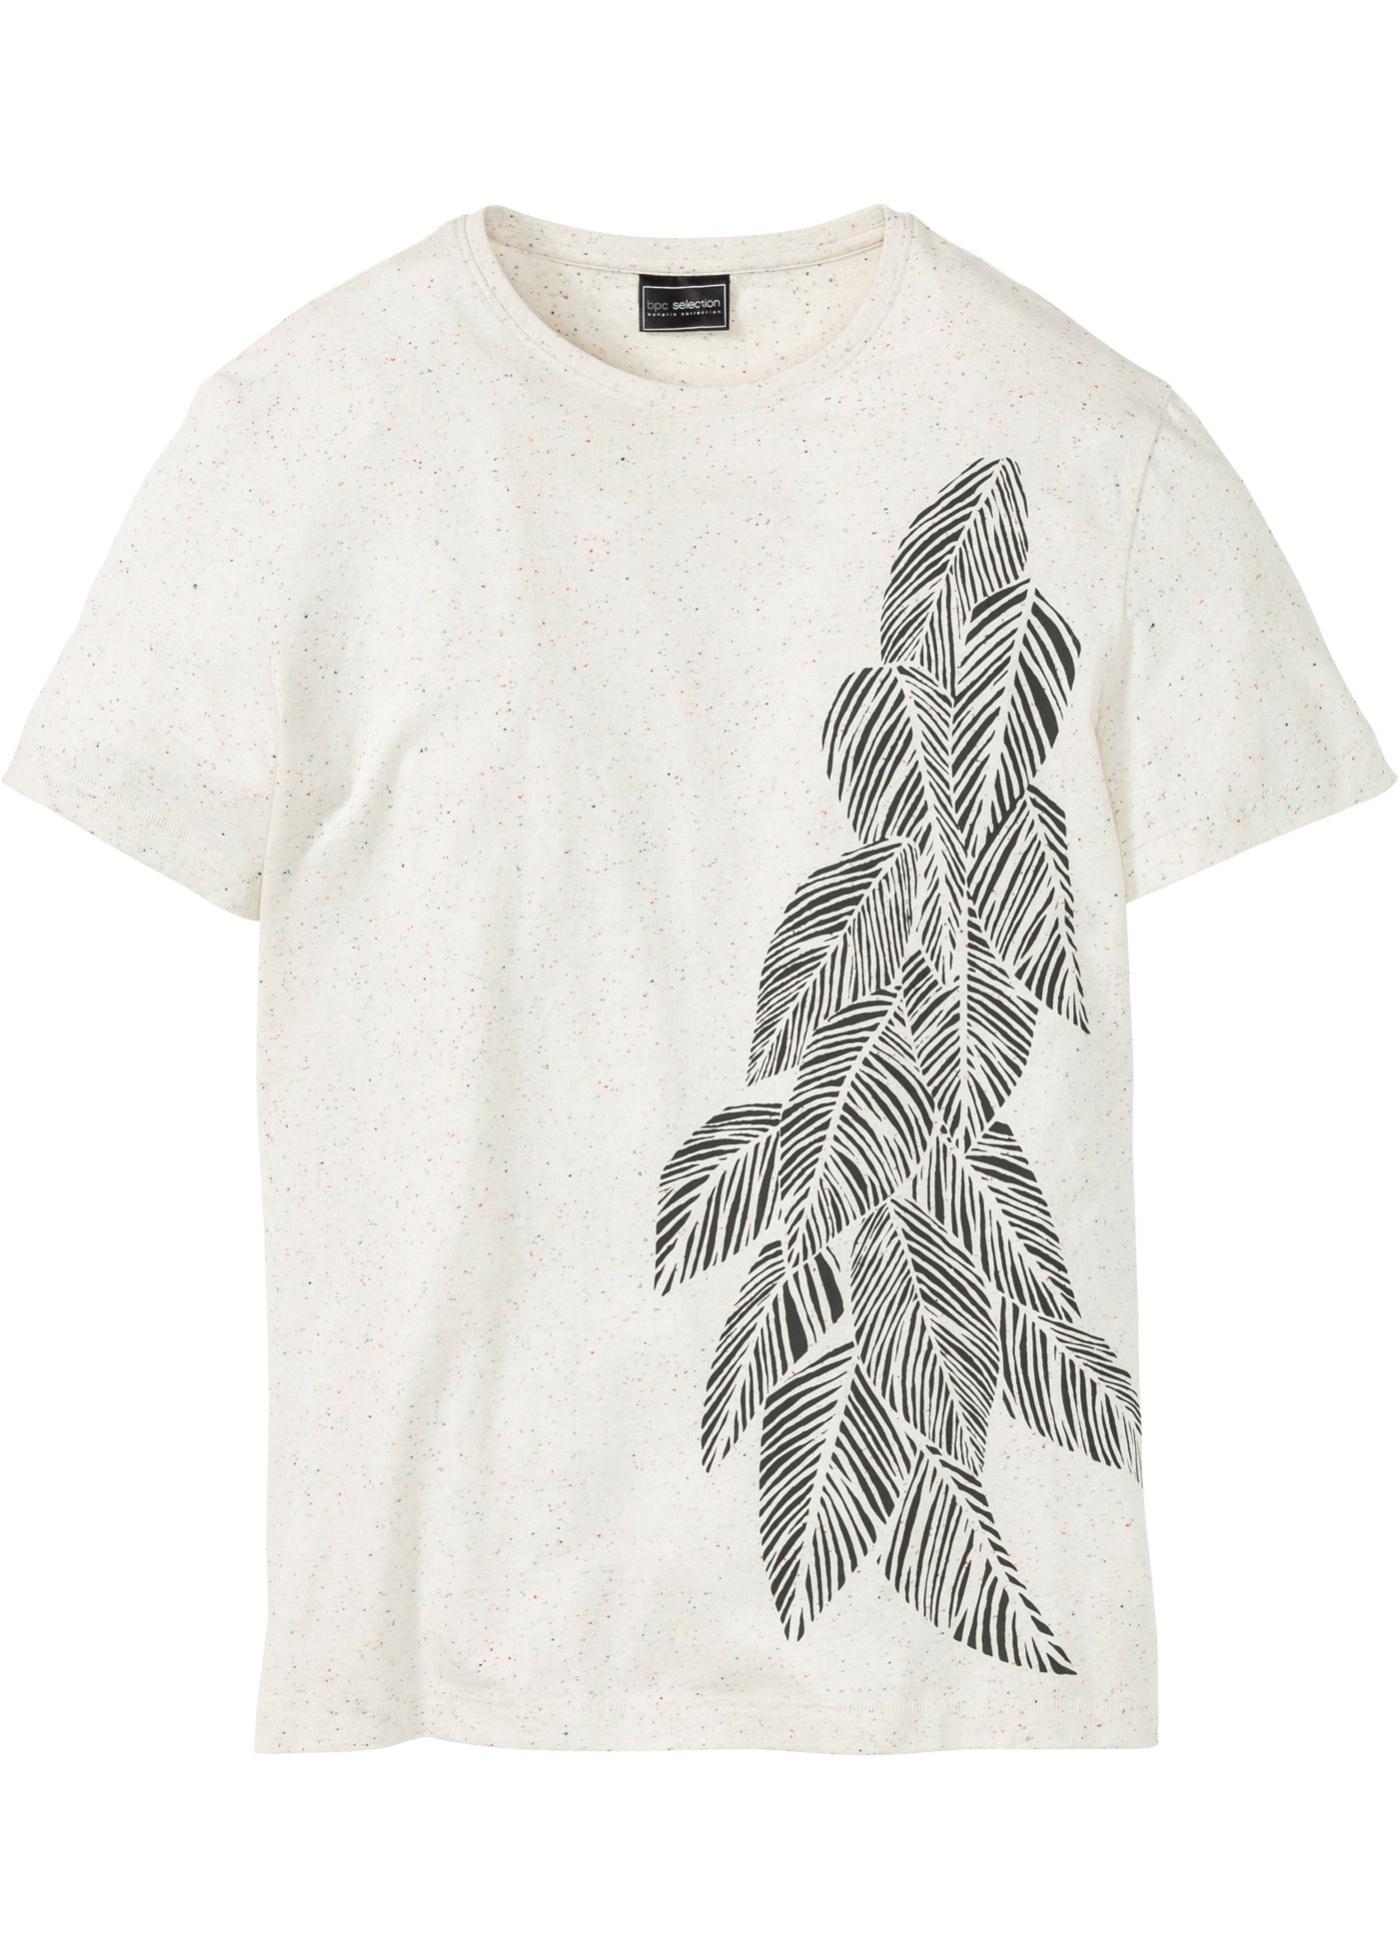 T-shirt regular fit  Beig